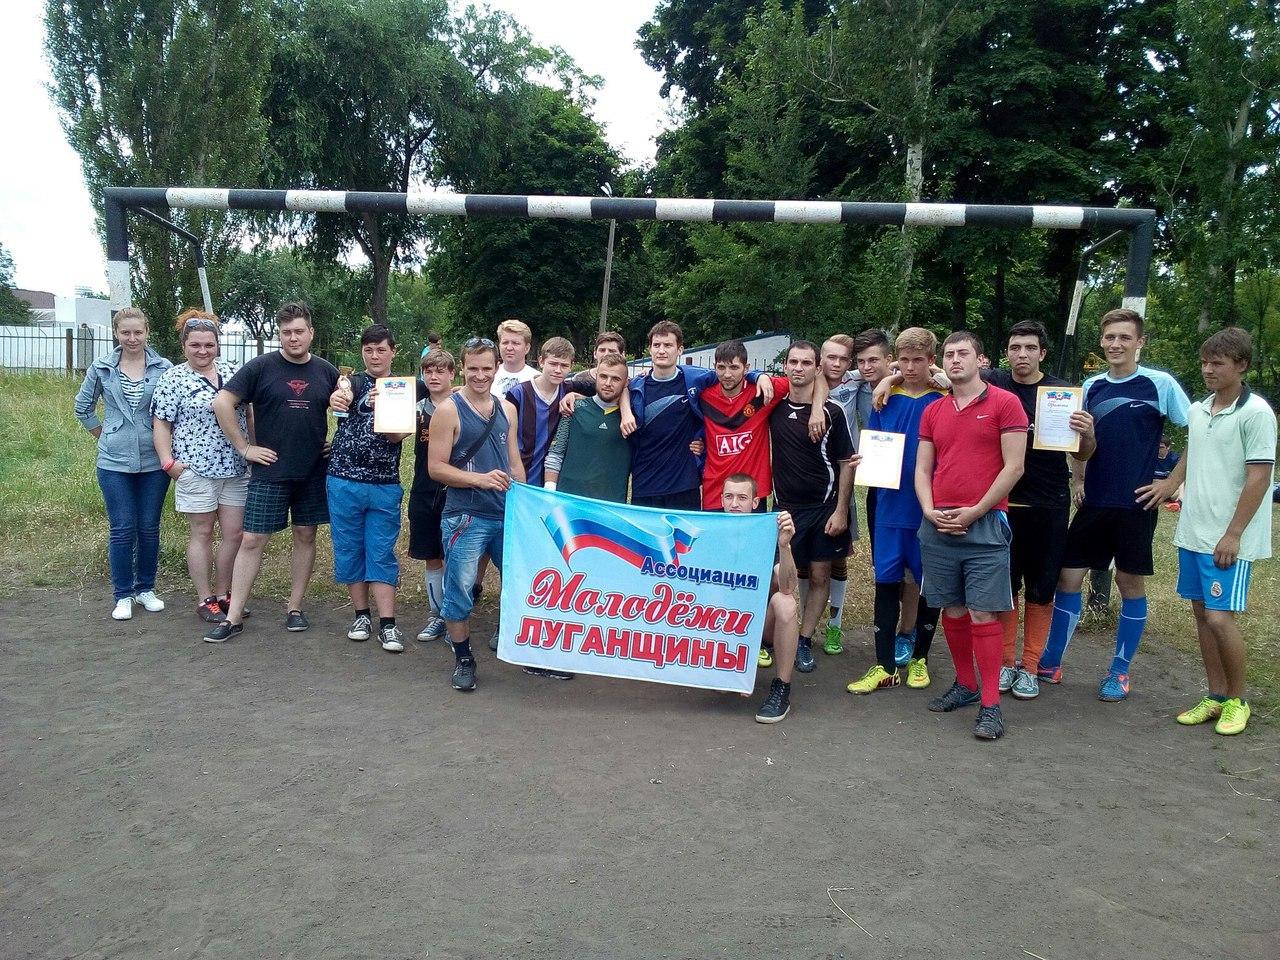 Кубок Свердловского отделения Ассоциации молодежи Луганщины в формате 8х8